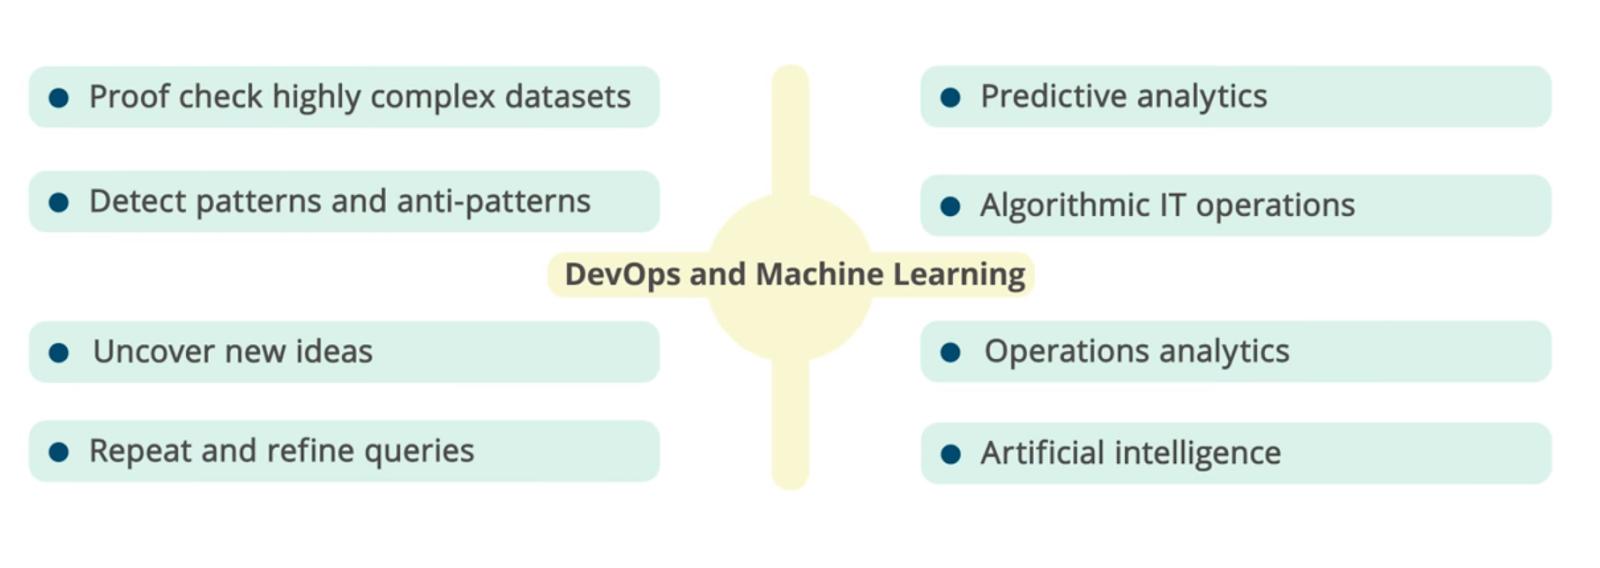 Как оптимизировать DevOps с помощью машинного обучения - 4